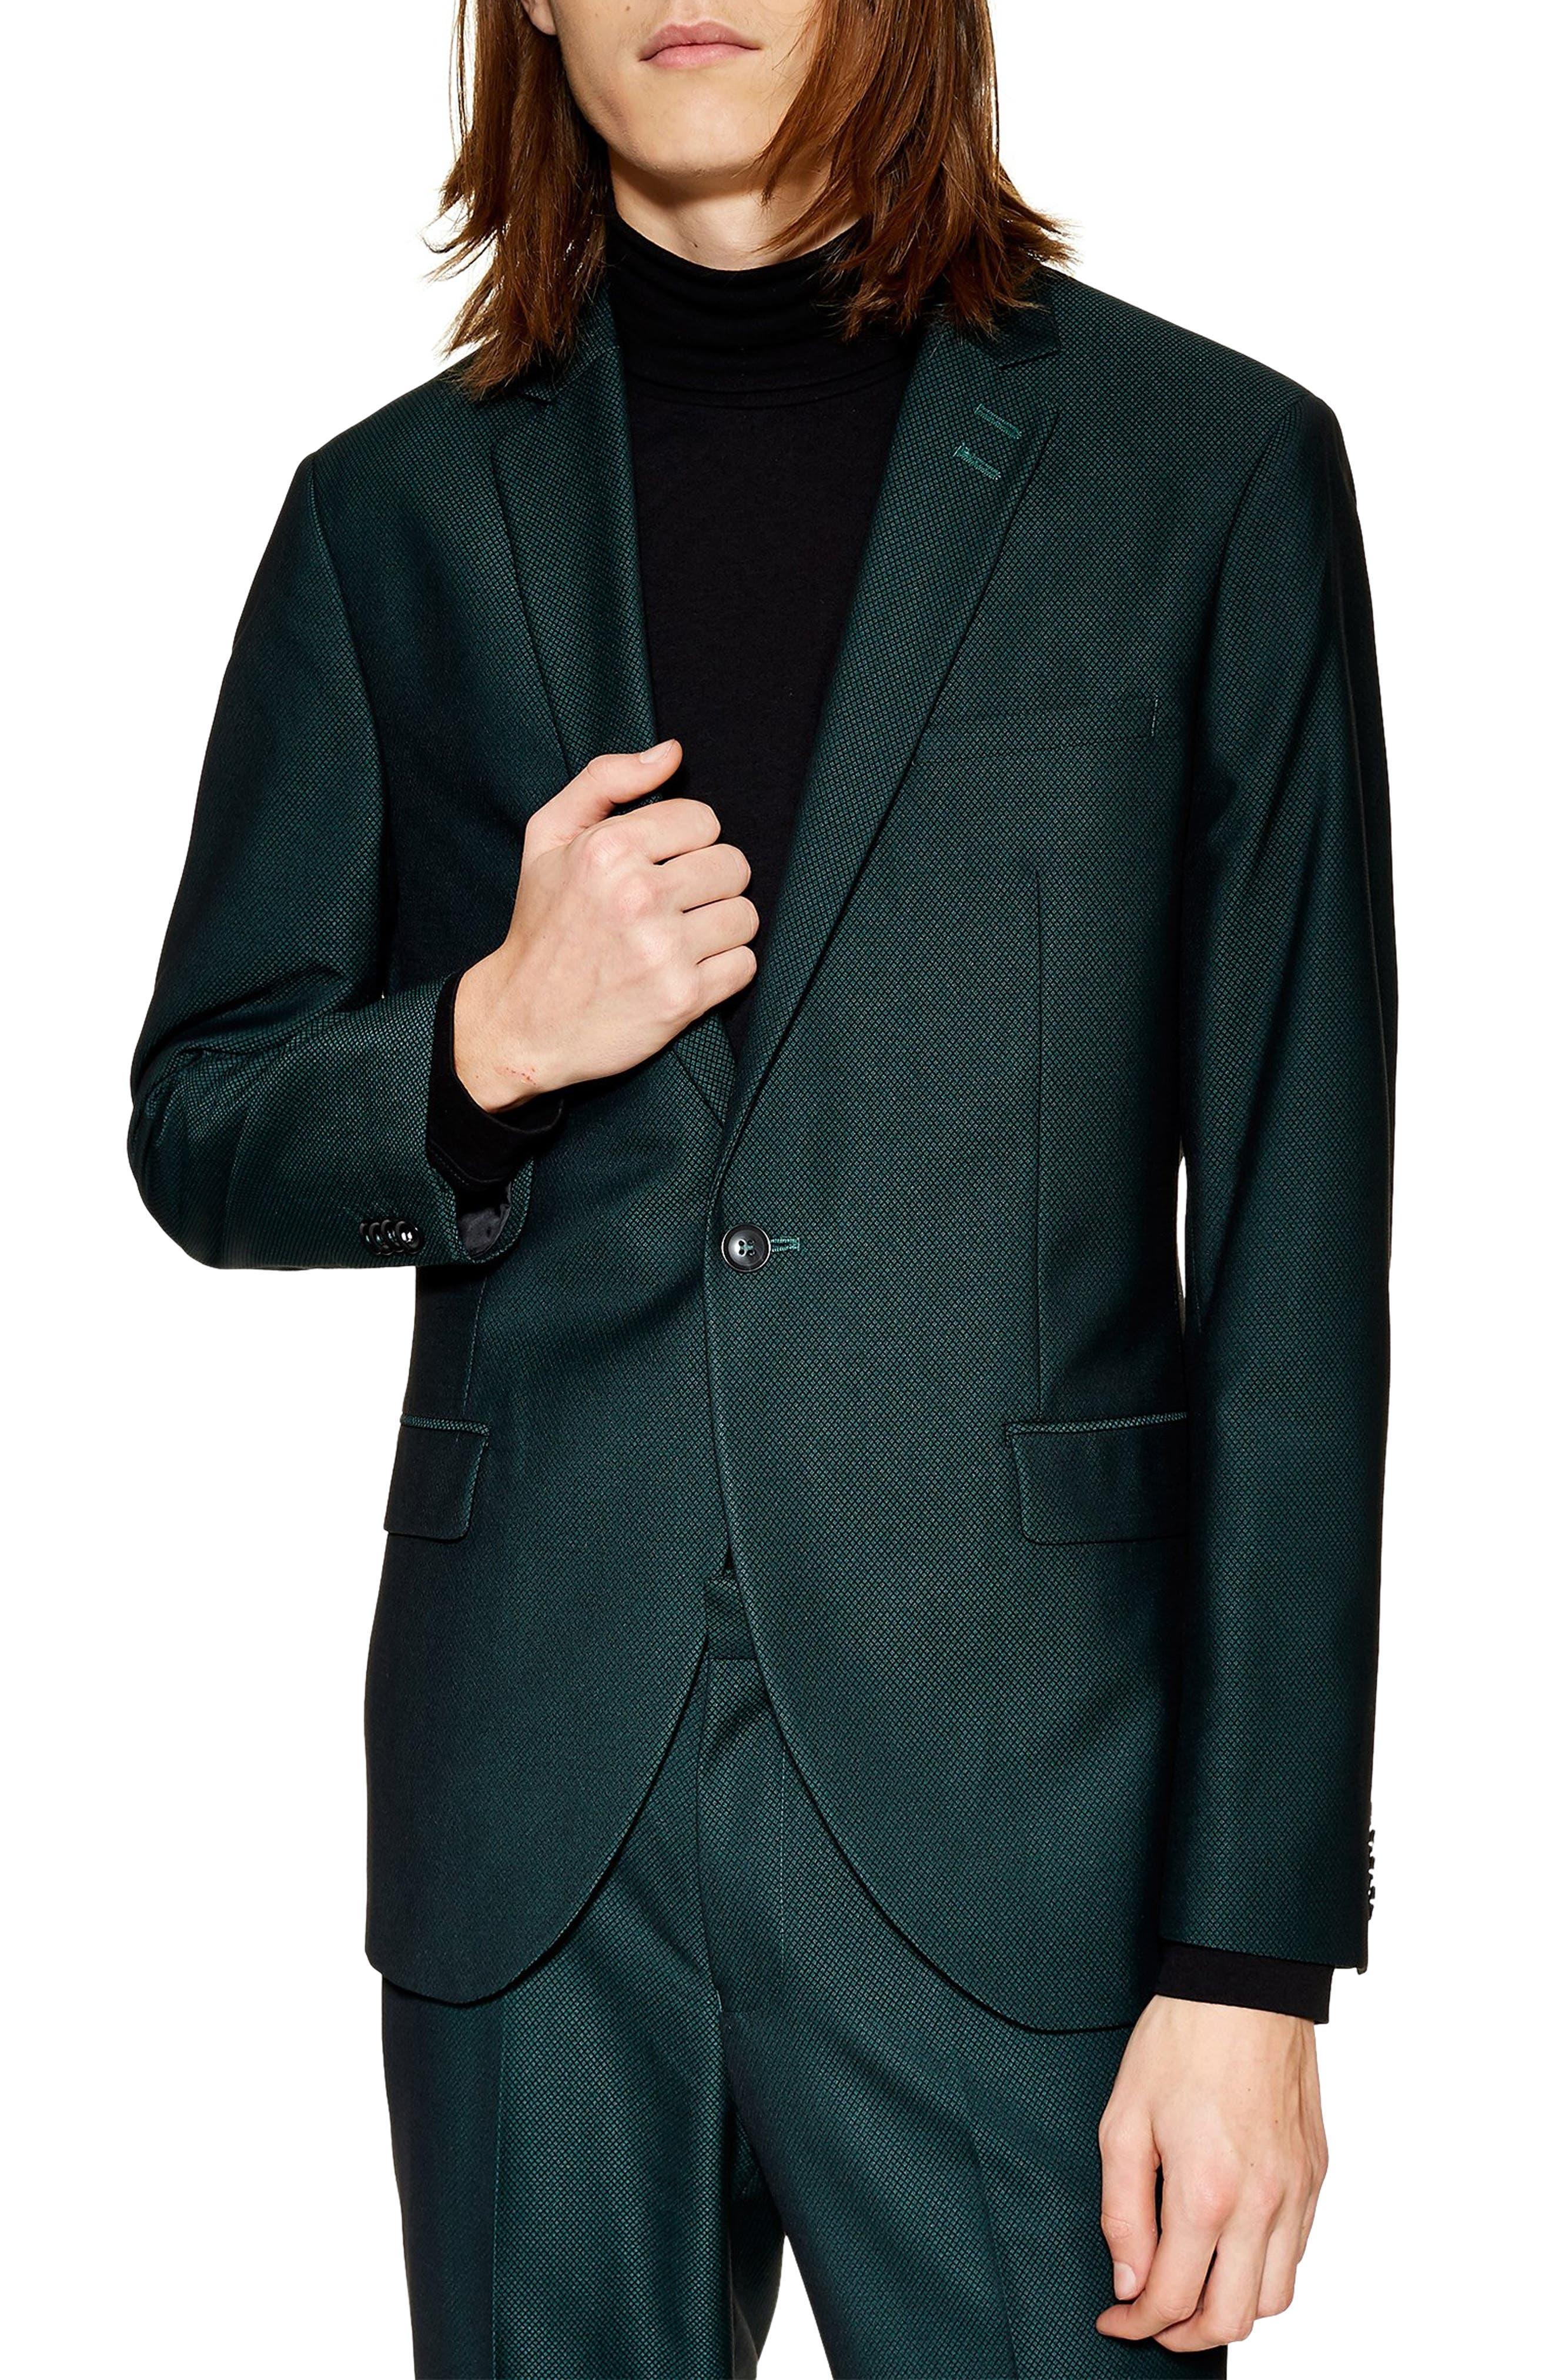 TOPMAN Banbury Slim Fit Suit Jacket in Green